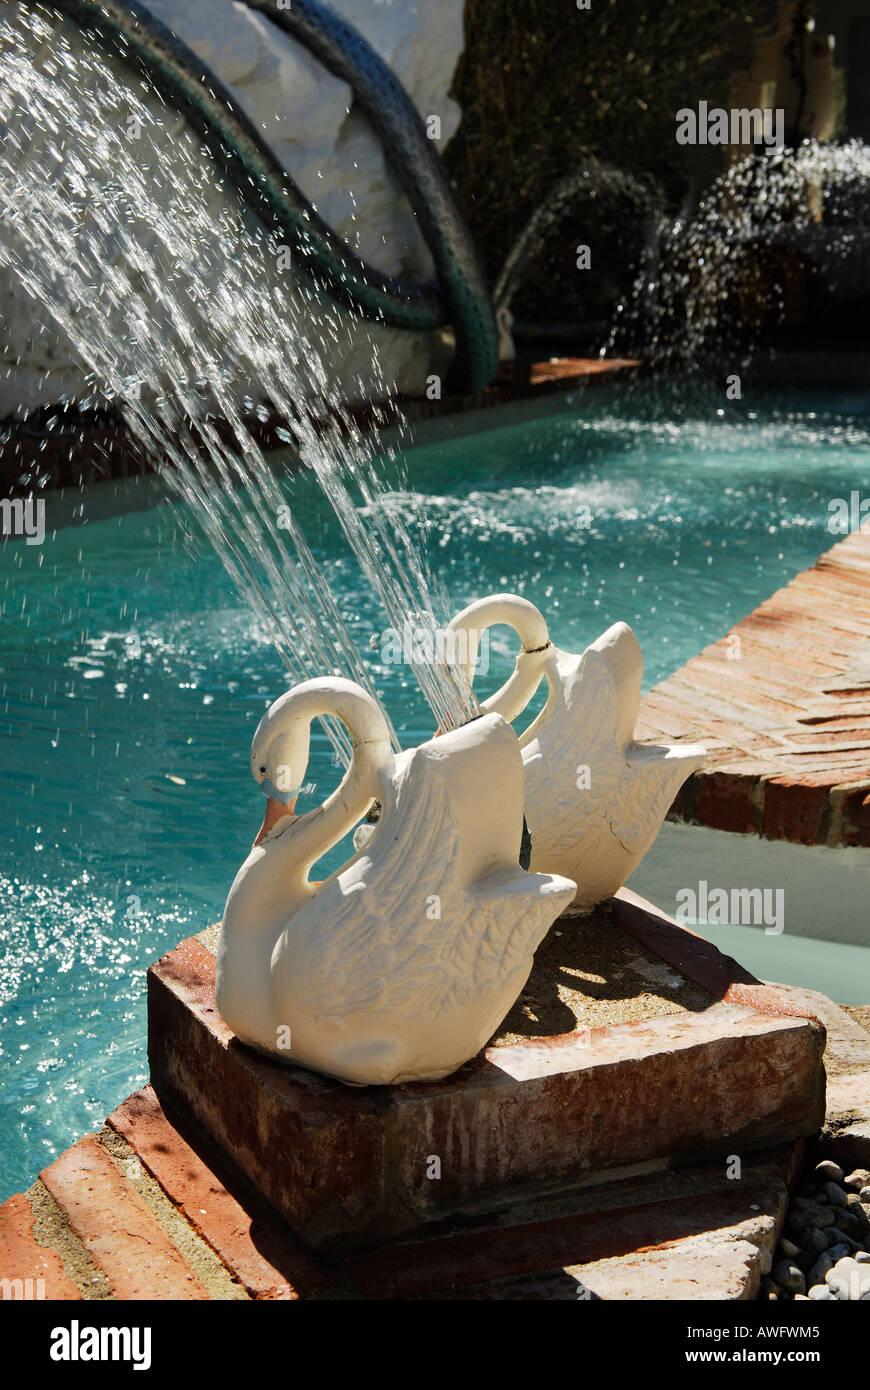 Modellierte Schwäne Dienen Als Wasserspiele Am Swimmingpool Im Garten Des  Hauses Der Surrealistischen Maler Salvador Dali